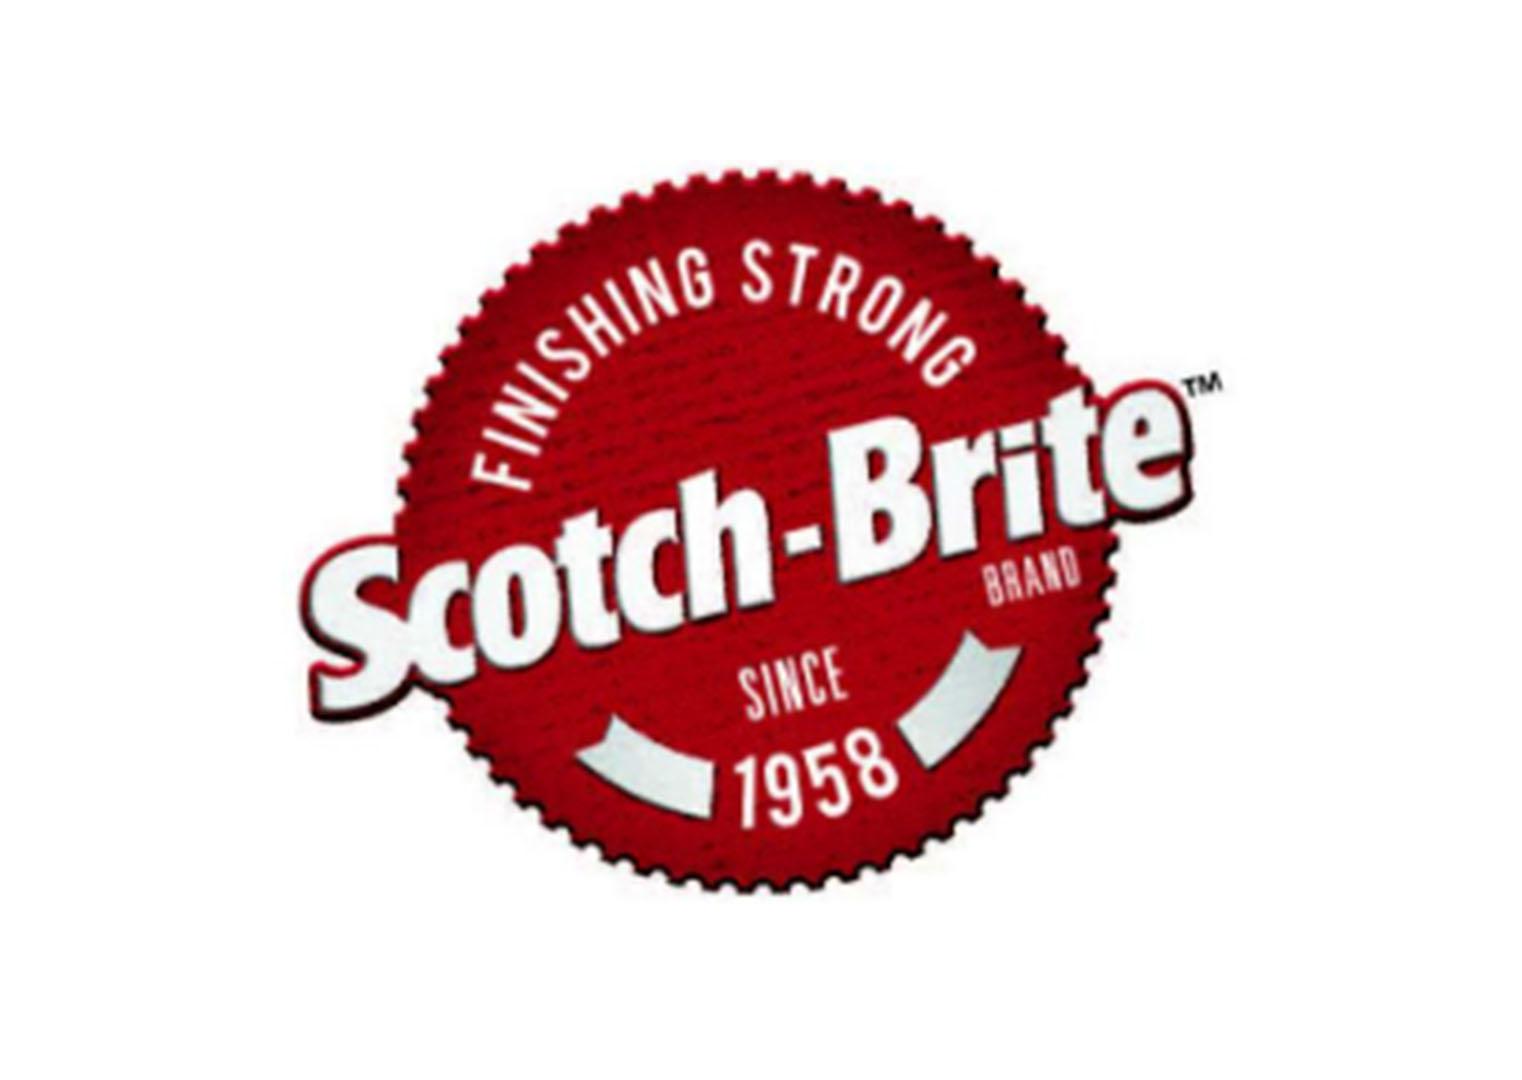 Scotch-Brite®